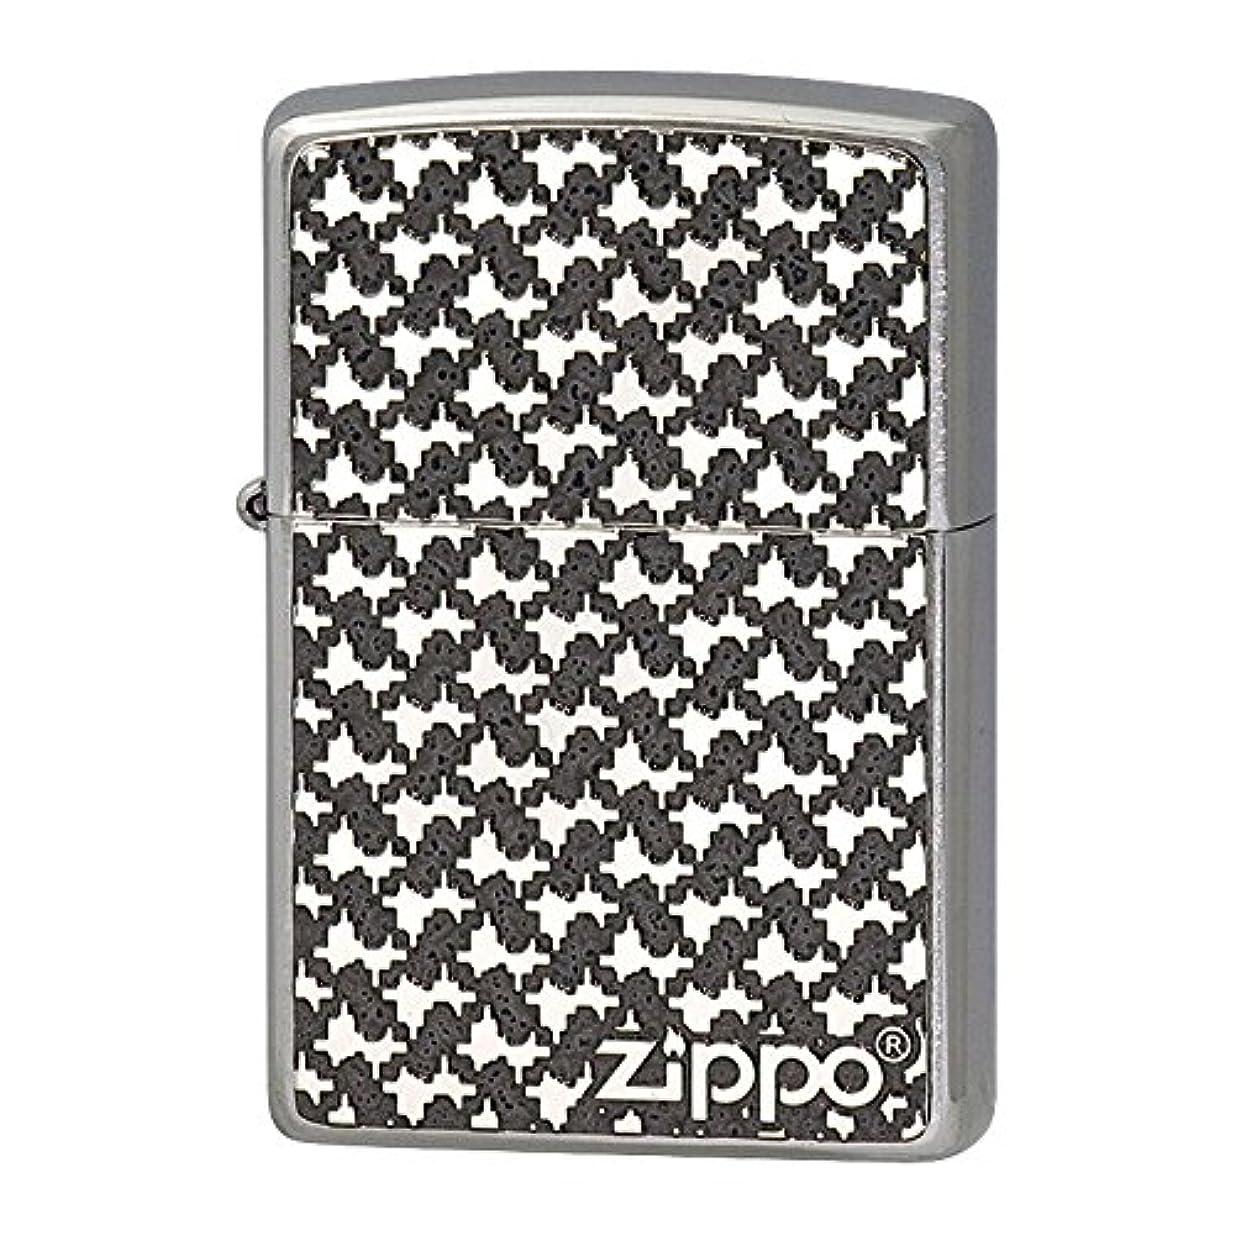 理論的入力拡張Zippo ジッポー Zippoライター ジッポライター オイルライター 200 フラットボトム メタルペイントプレート パターン 2MPP-Pattern(GY)